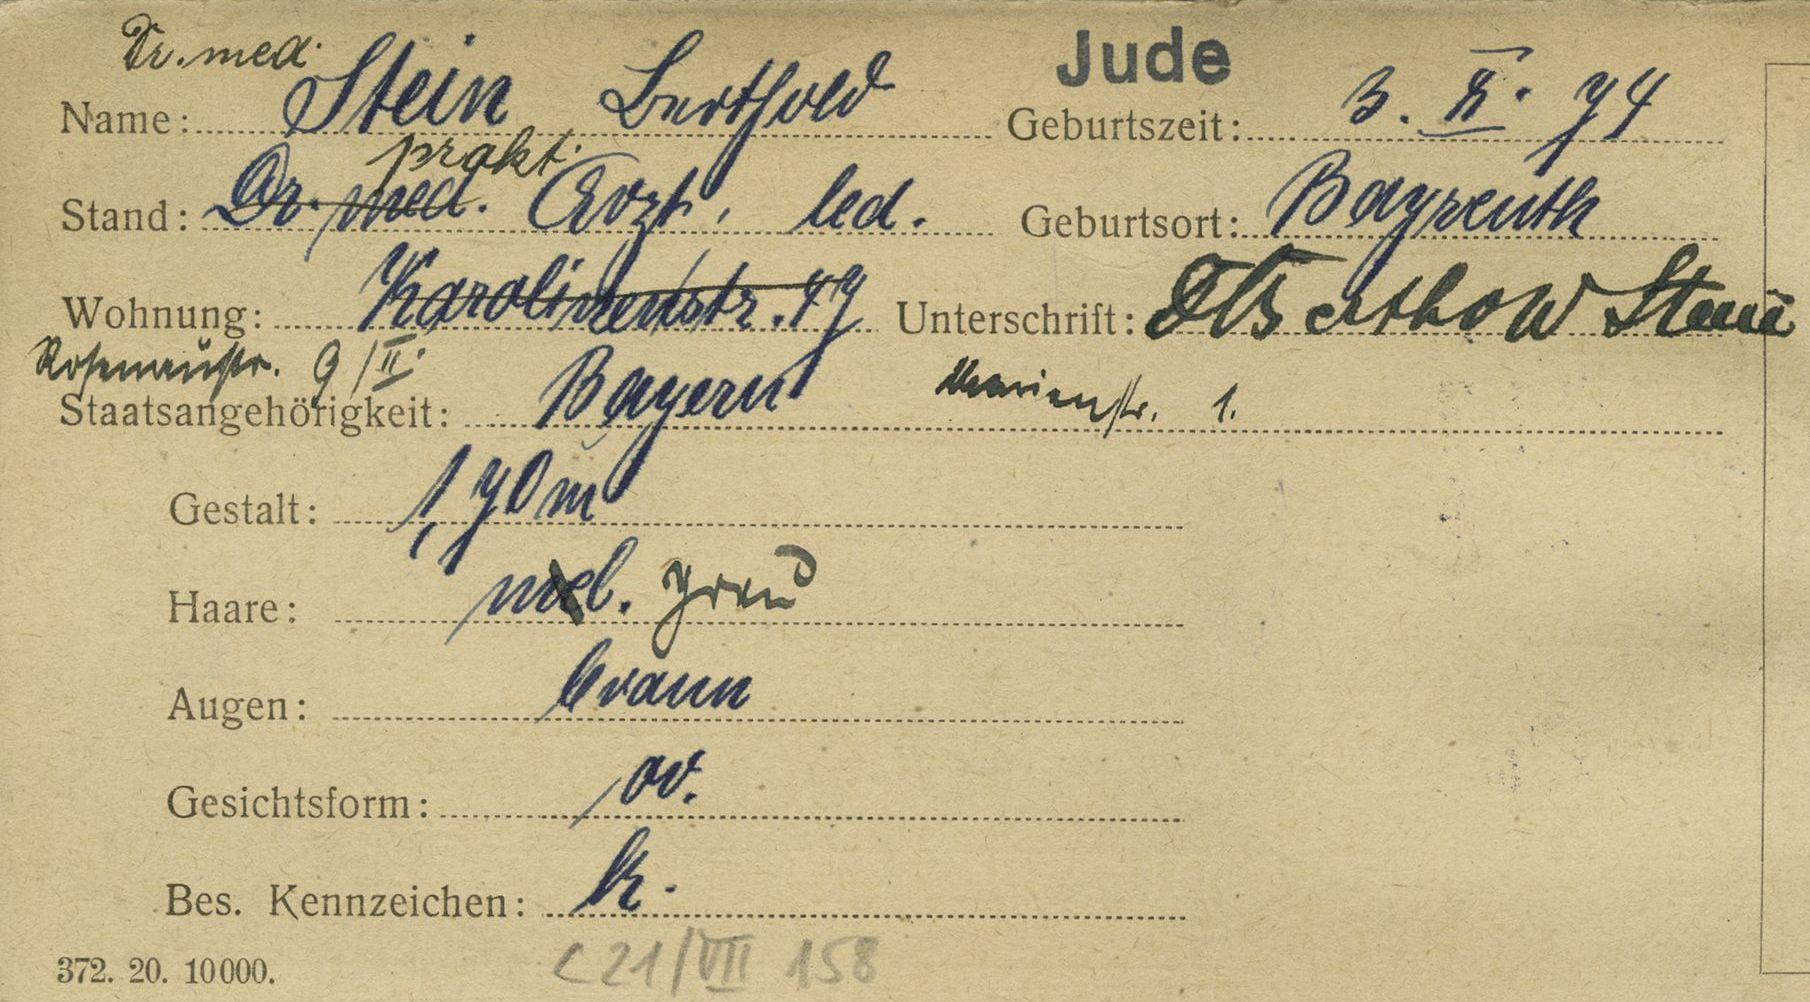 Bertholds Steins Meldekarte in der NS-Zeit © Stadtarchiv Nürnberg C21/VII Nr. 158, mit freundlicher Genehmigung